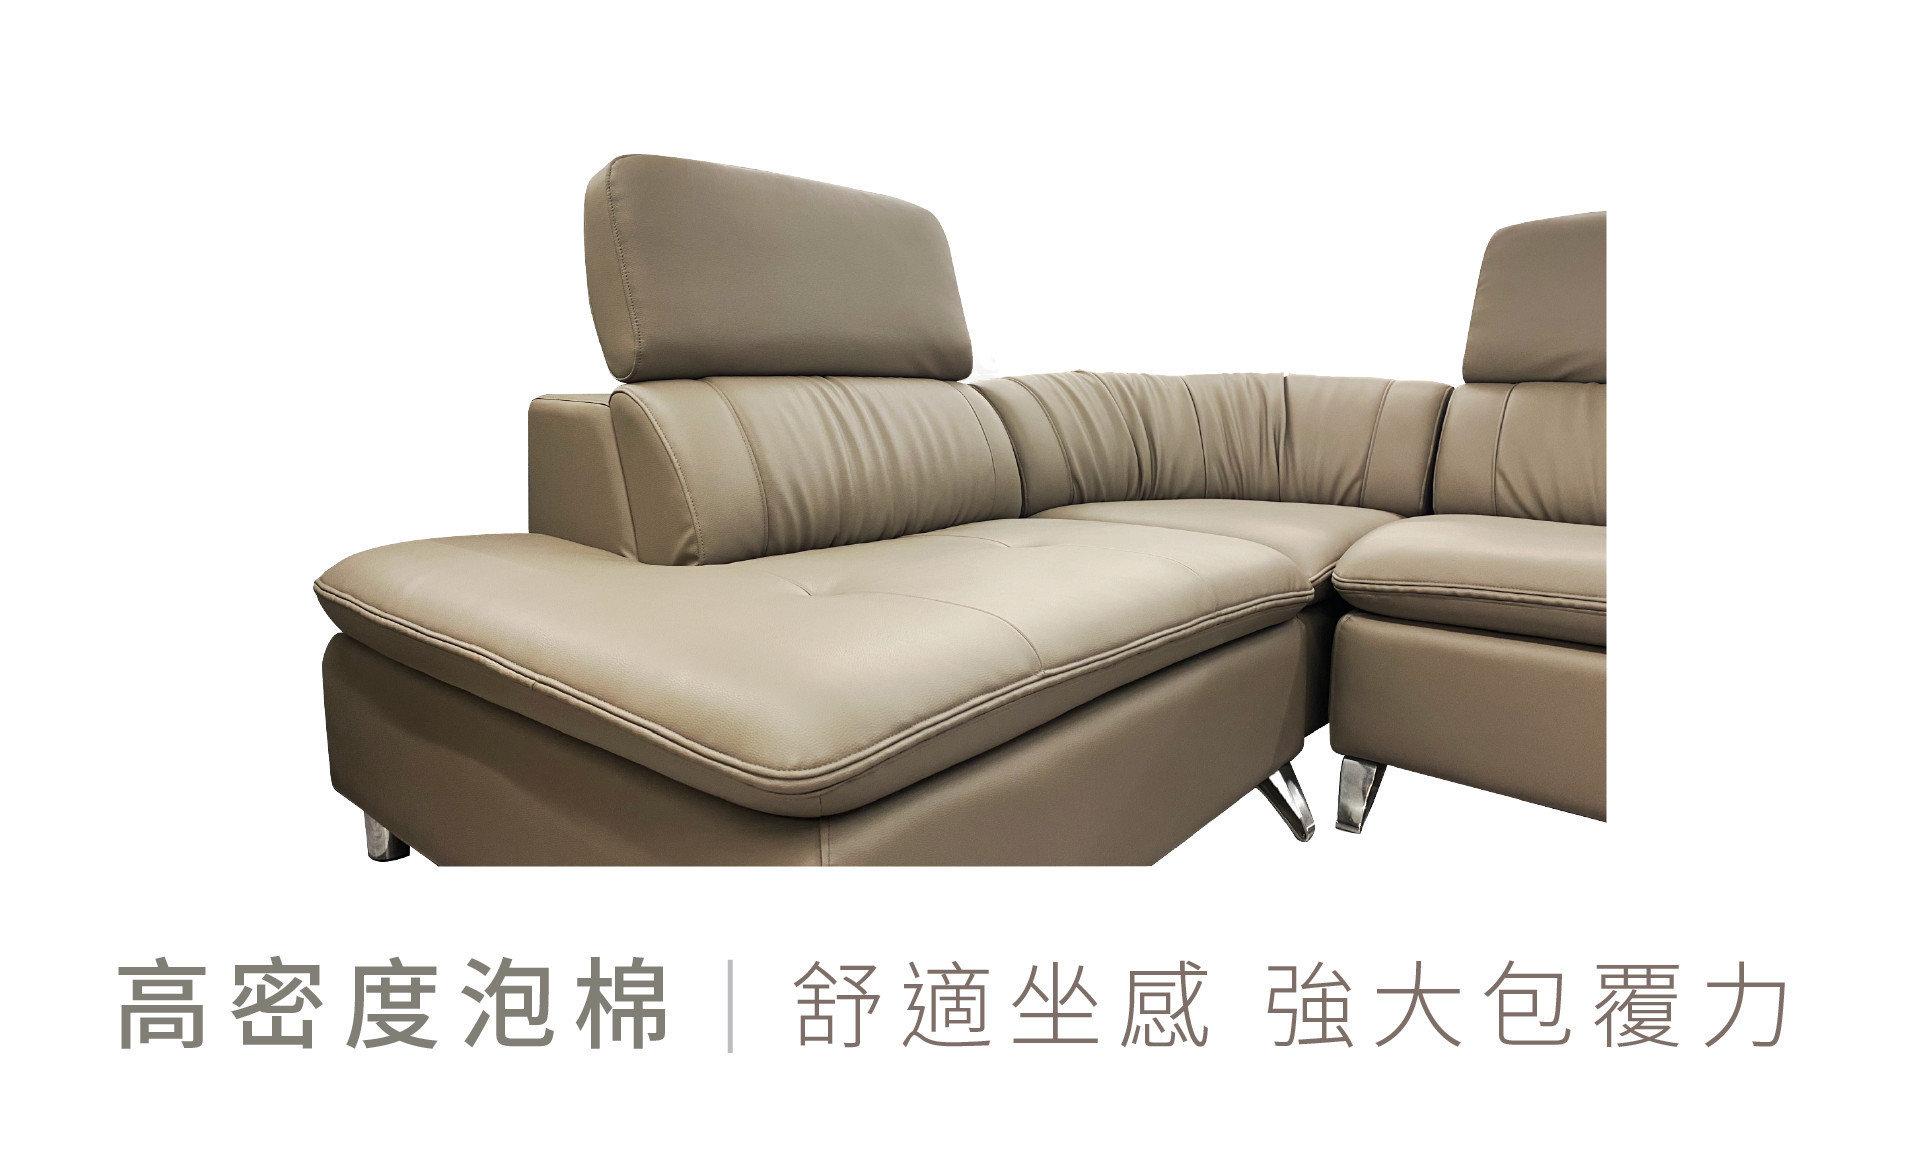 麥格沙發商品特色:高密度泡棉,強大包覆性,很舒適!